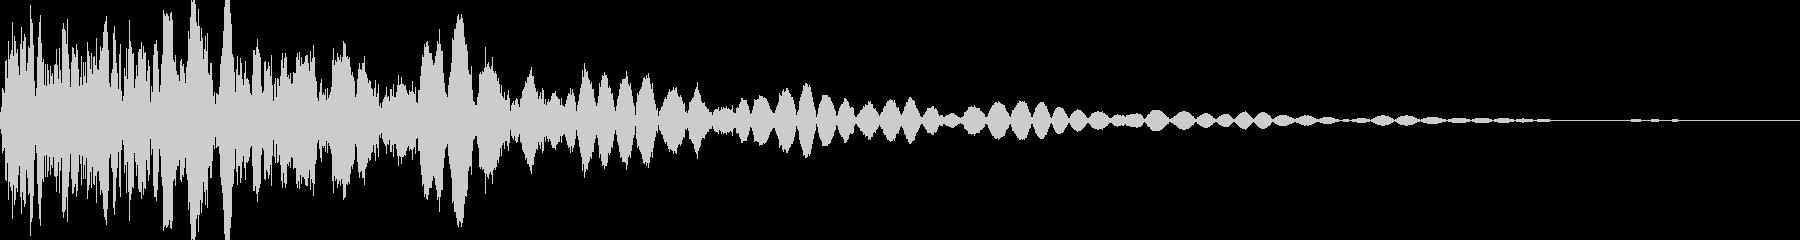 格闘ゲーム系 キック攻撃音 ステップ1の未再生の波形